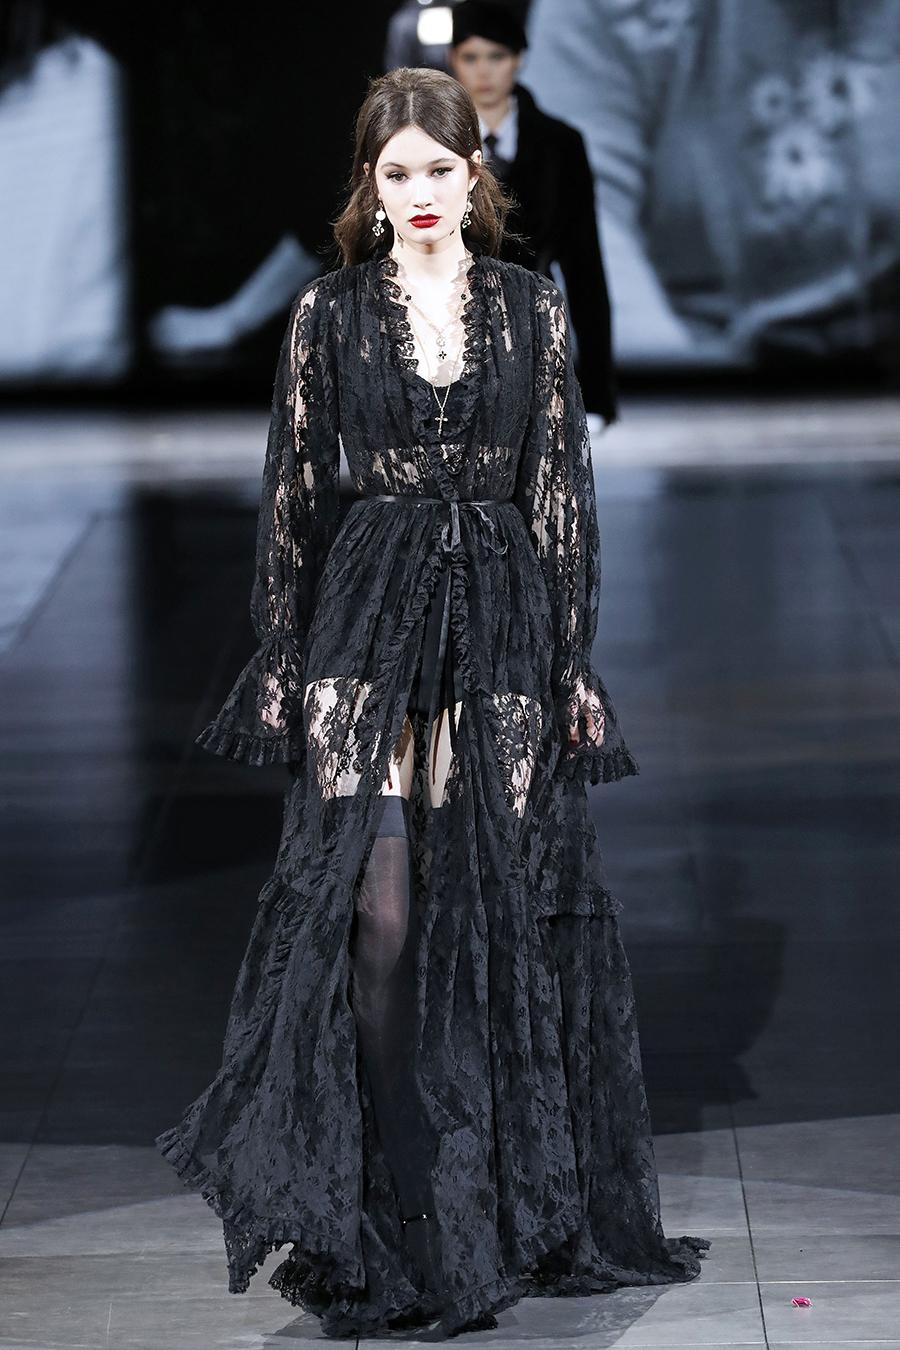 платье кружево черное длинное что надеть на новый год 2021